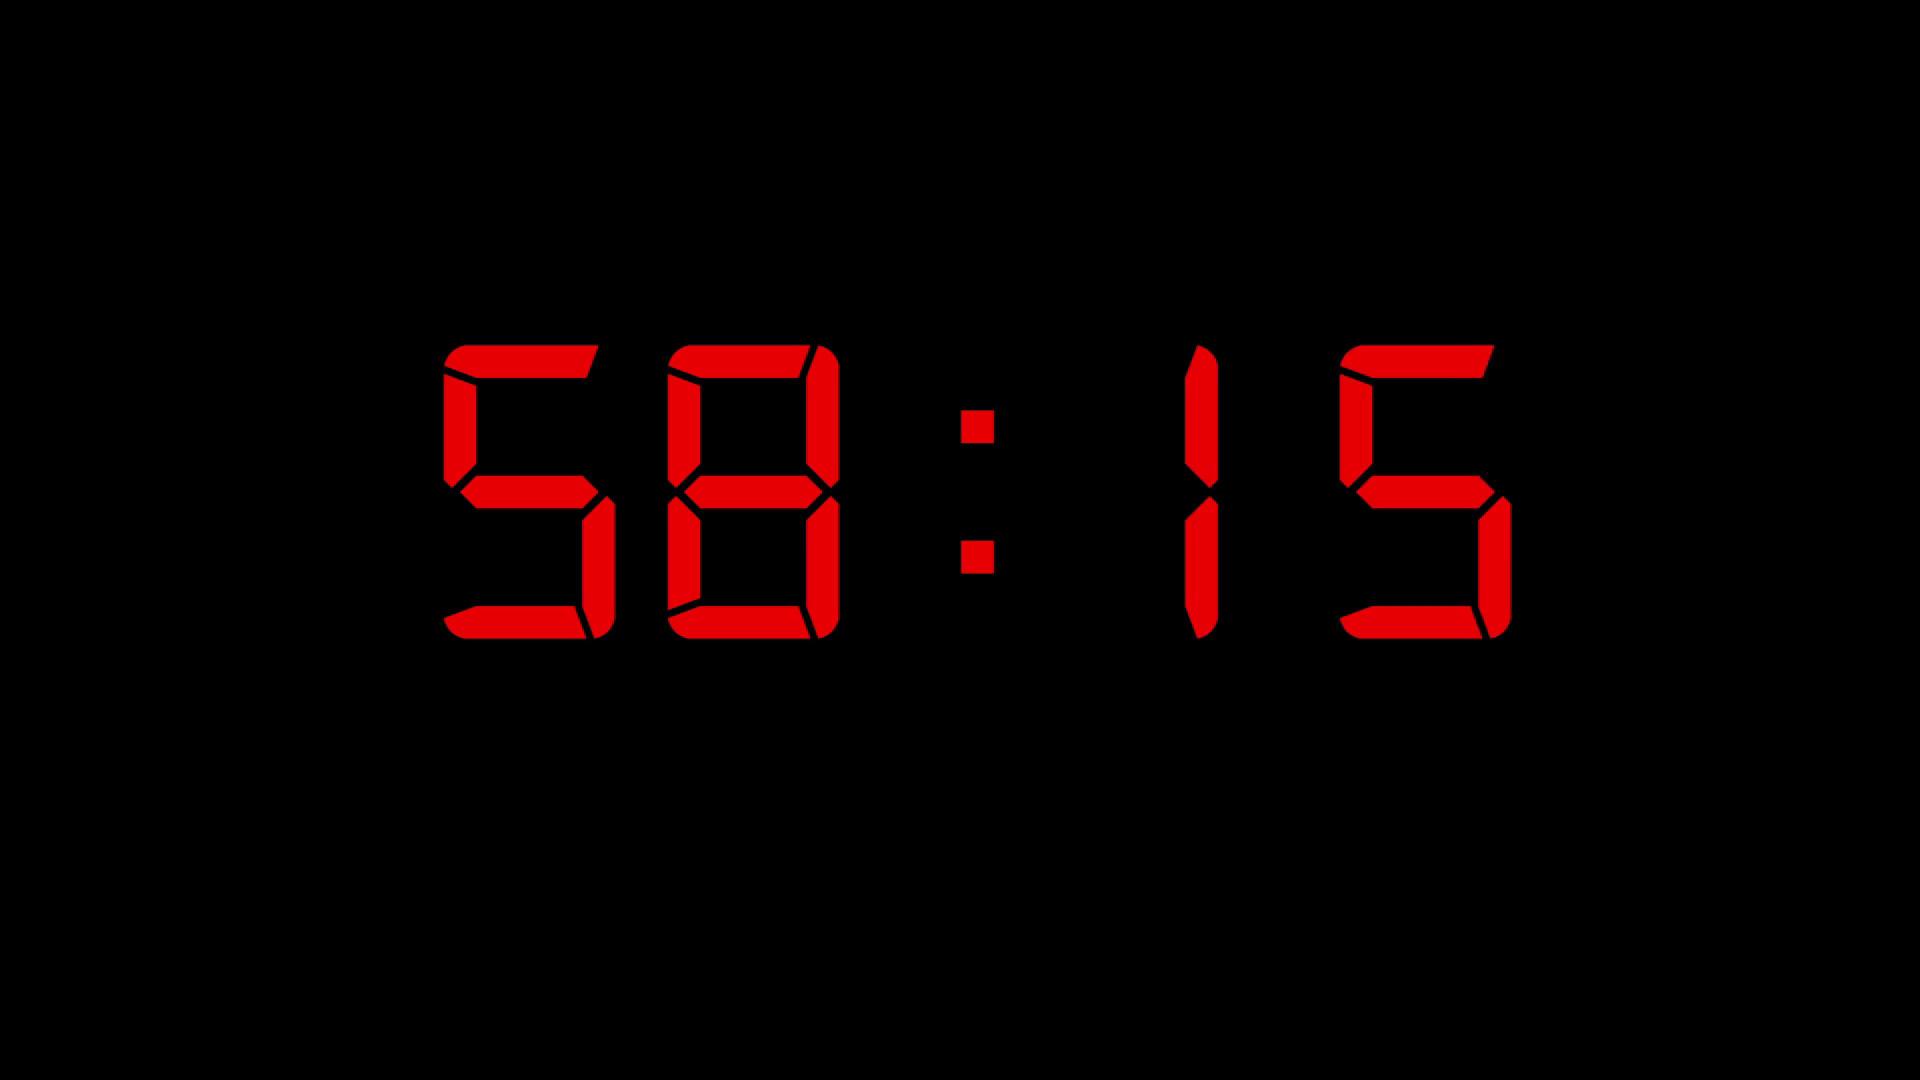 countdown clock wallpaper  70  images